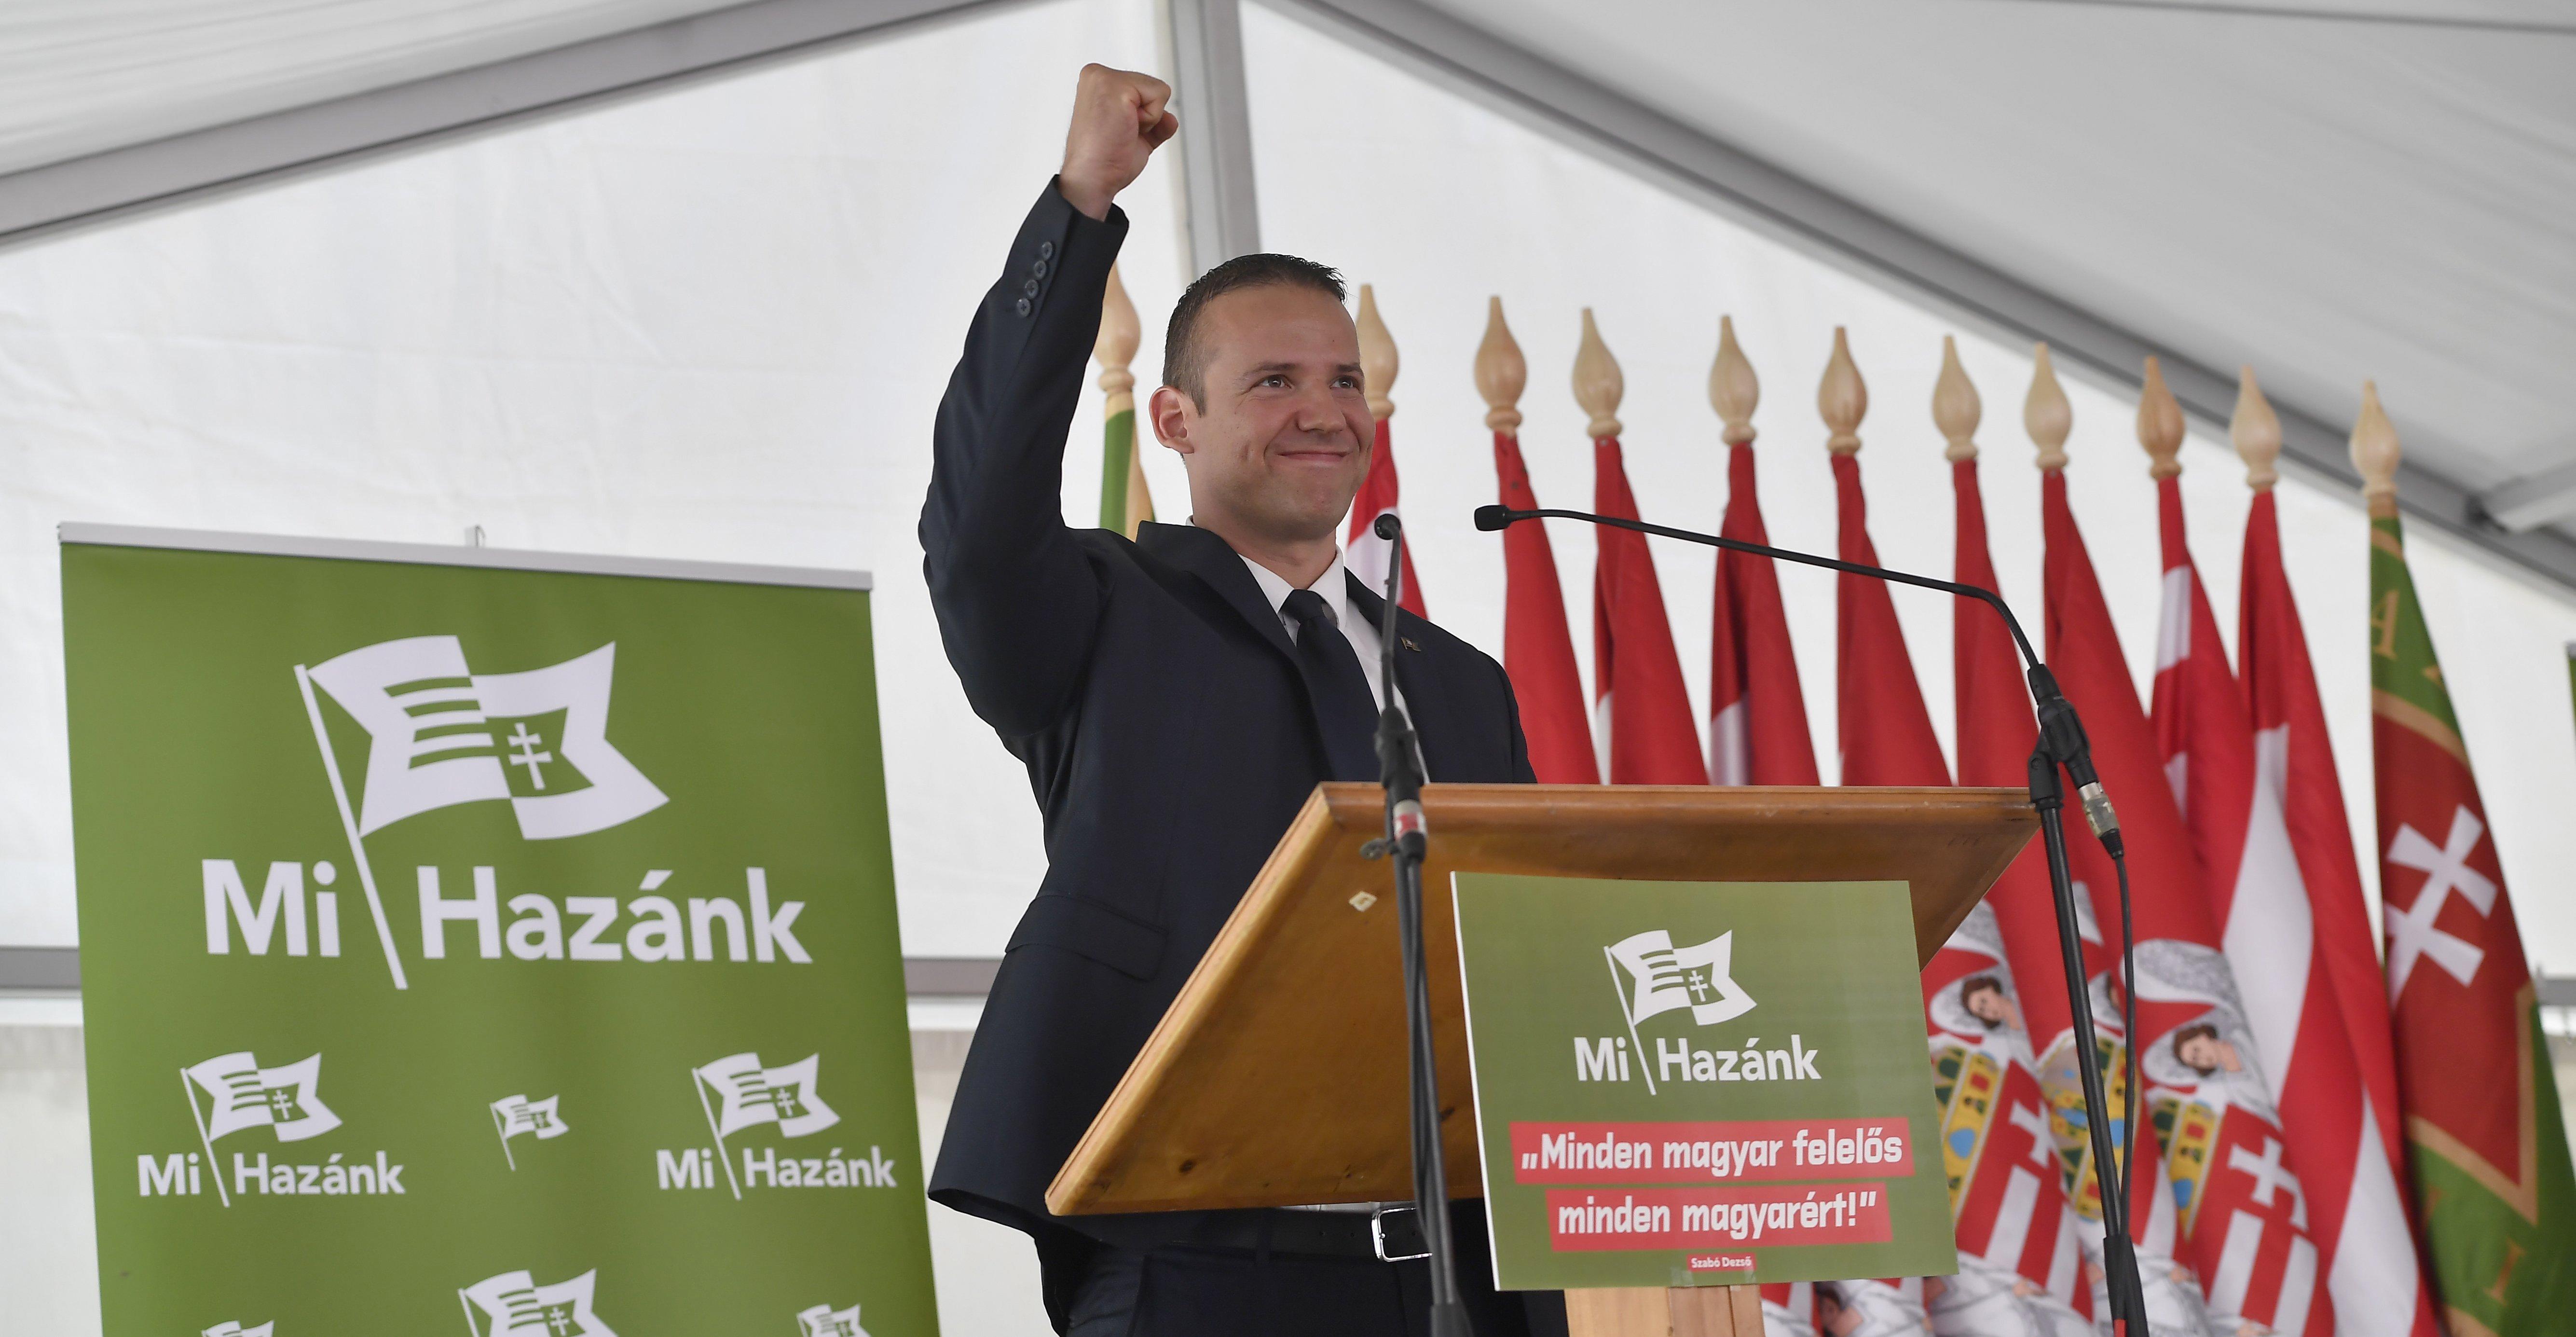 Toroczkai új pártjának főleg az ellenzékkel van baja, a Fideszt sok kérdésben tudják támogatni